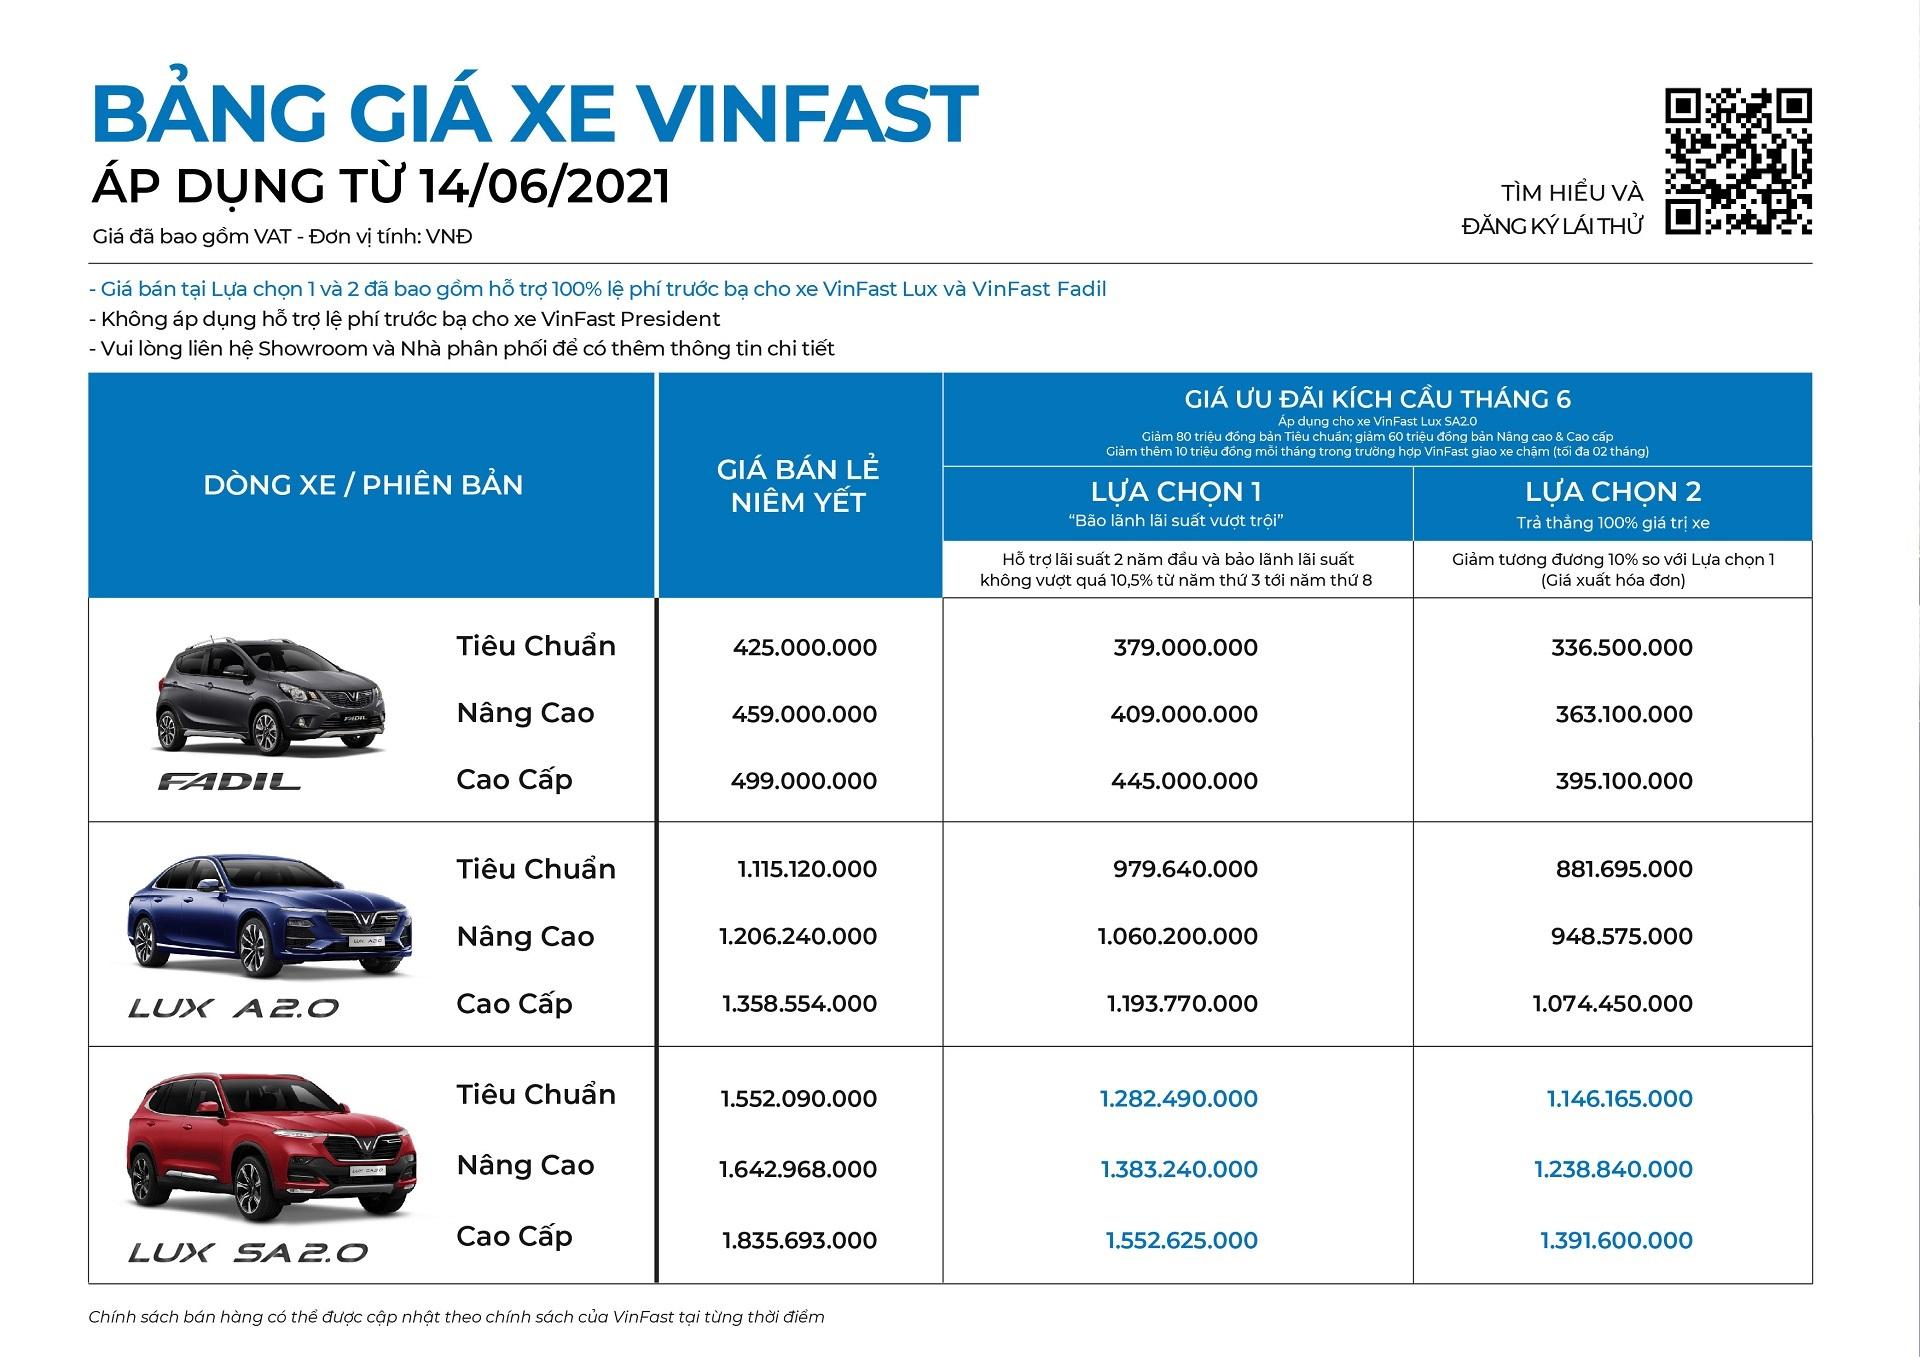 Miễn 100% lệ phí trước bạ, giá VinFast Fadil chỉ còn từ 336 triệu đồng